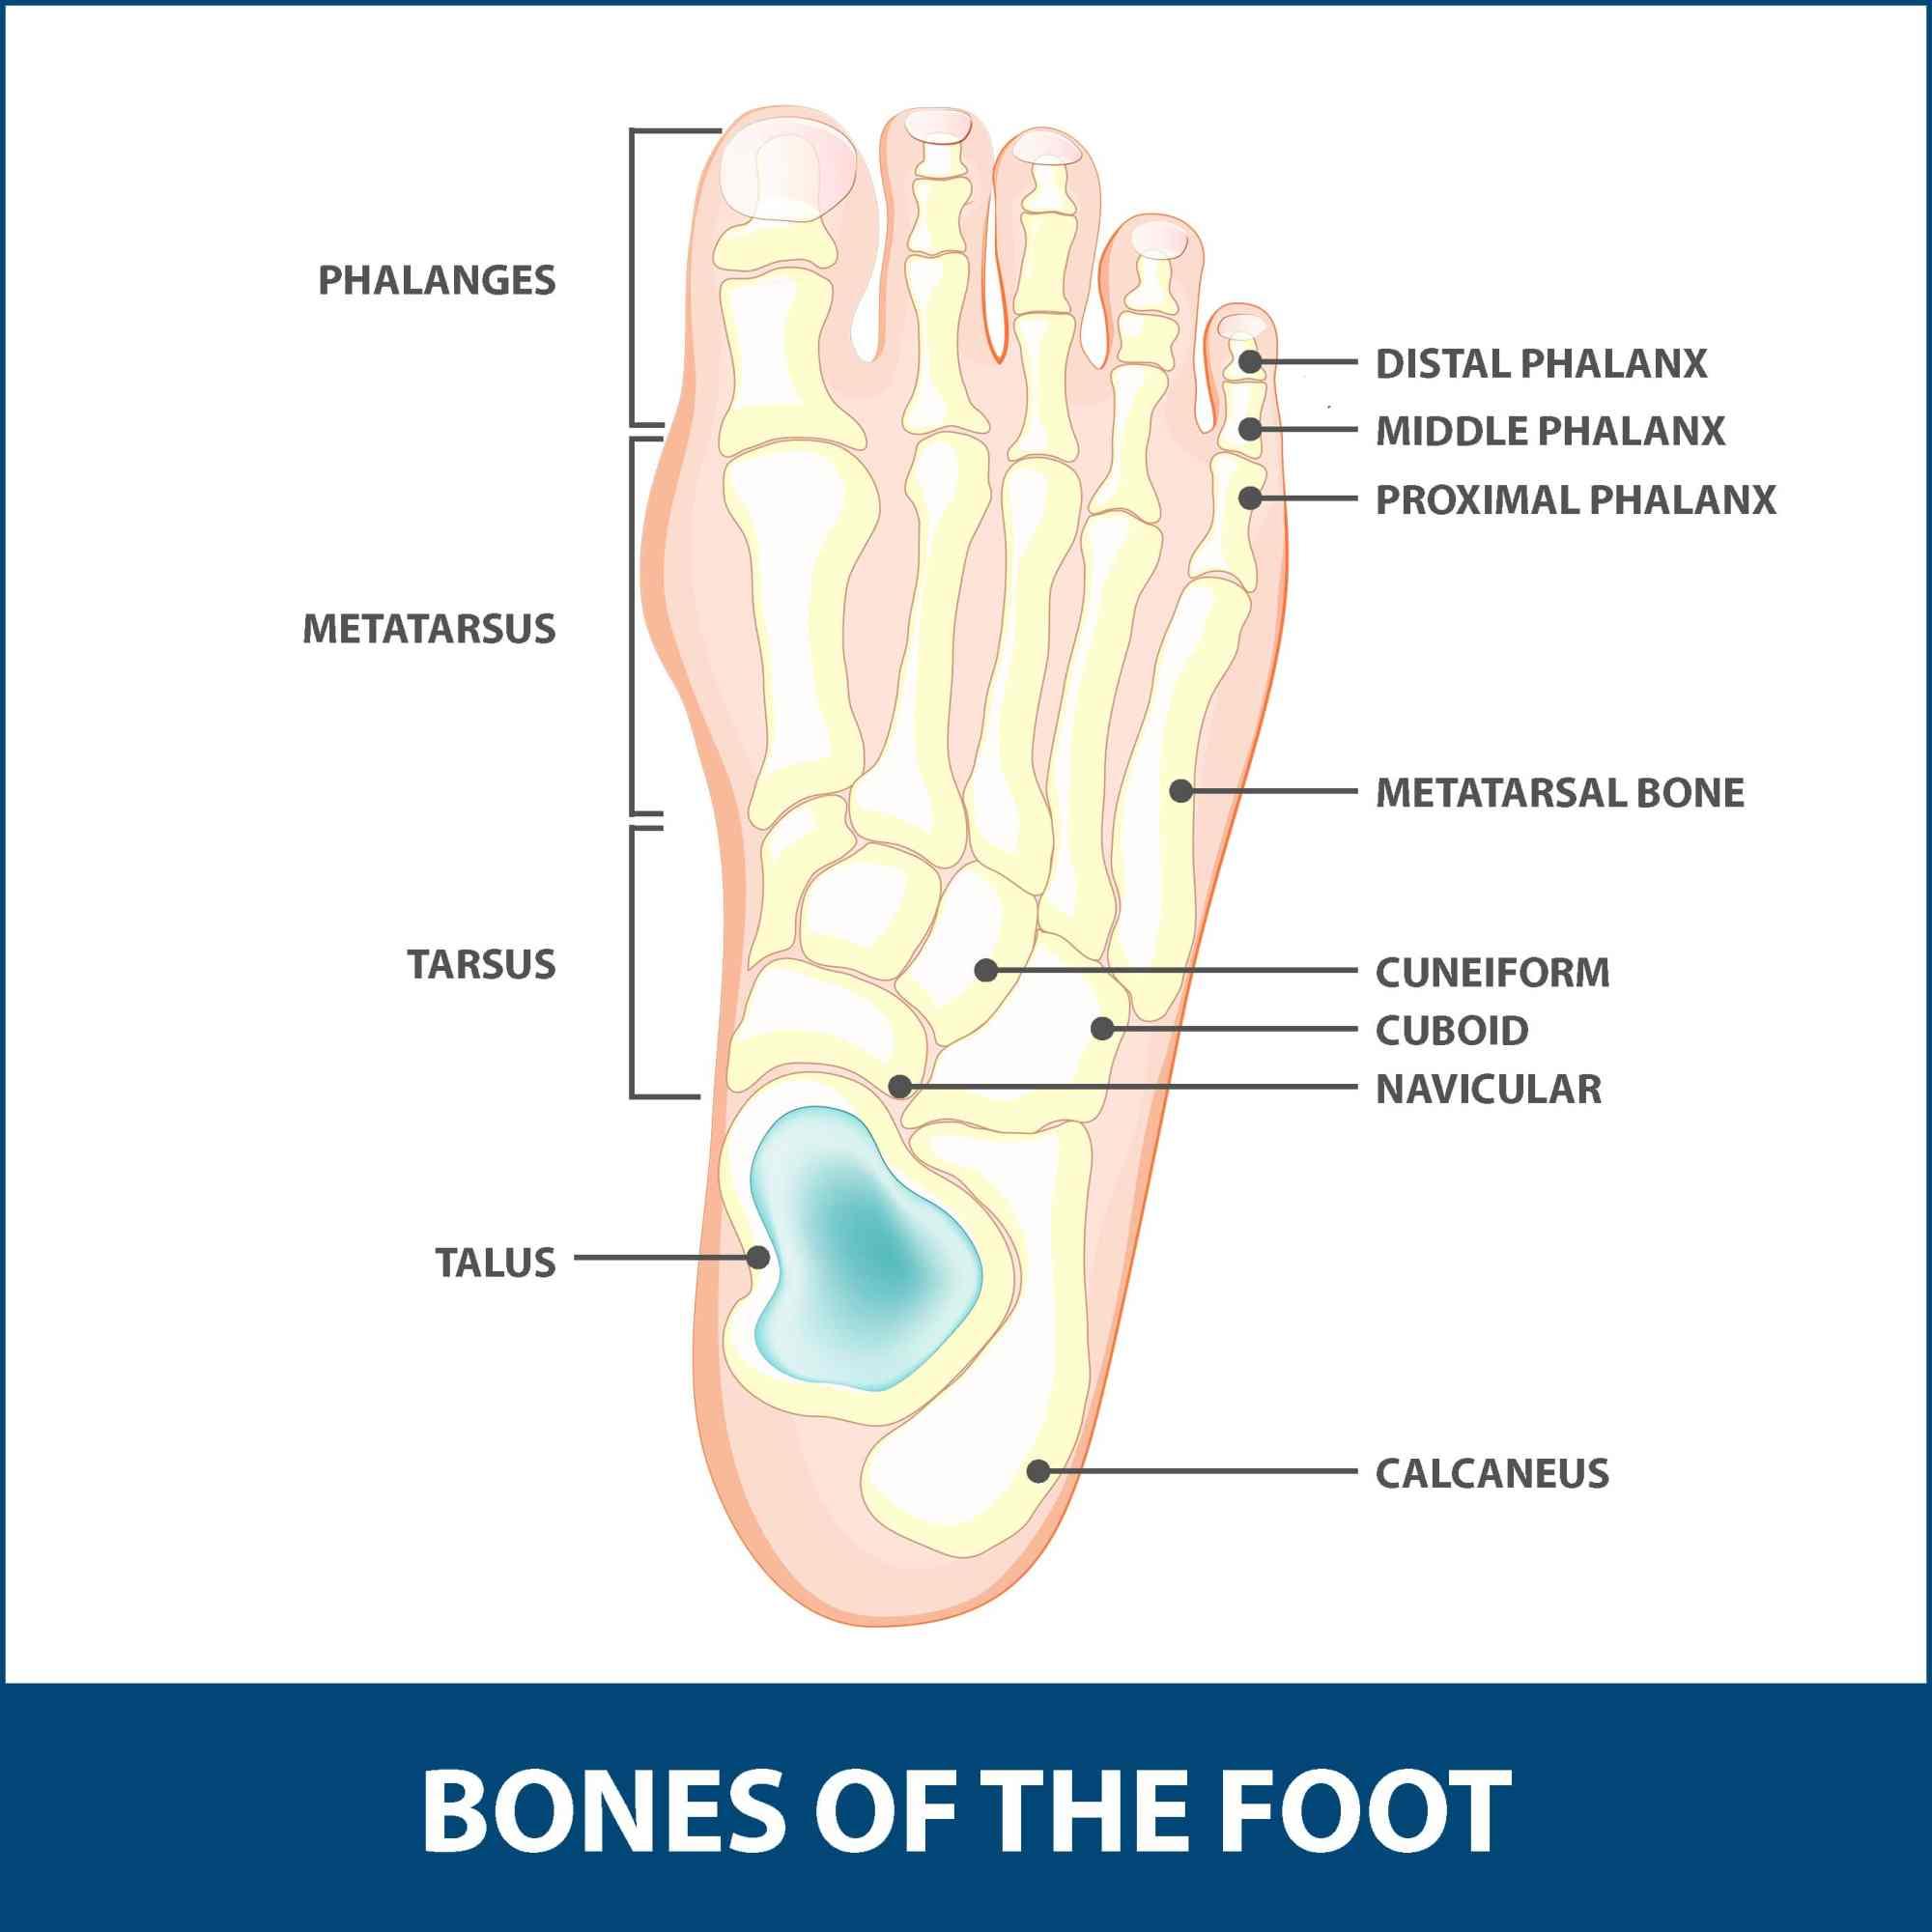 hight resolution of hallux rigidus diagram of the bones of the foot